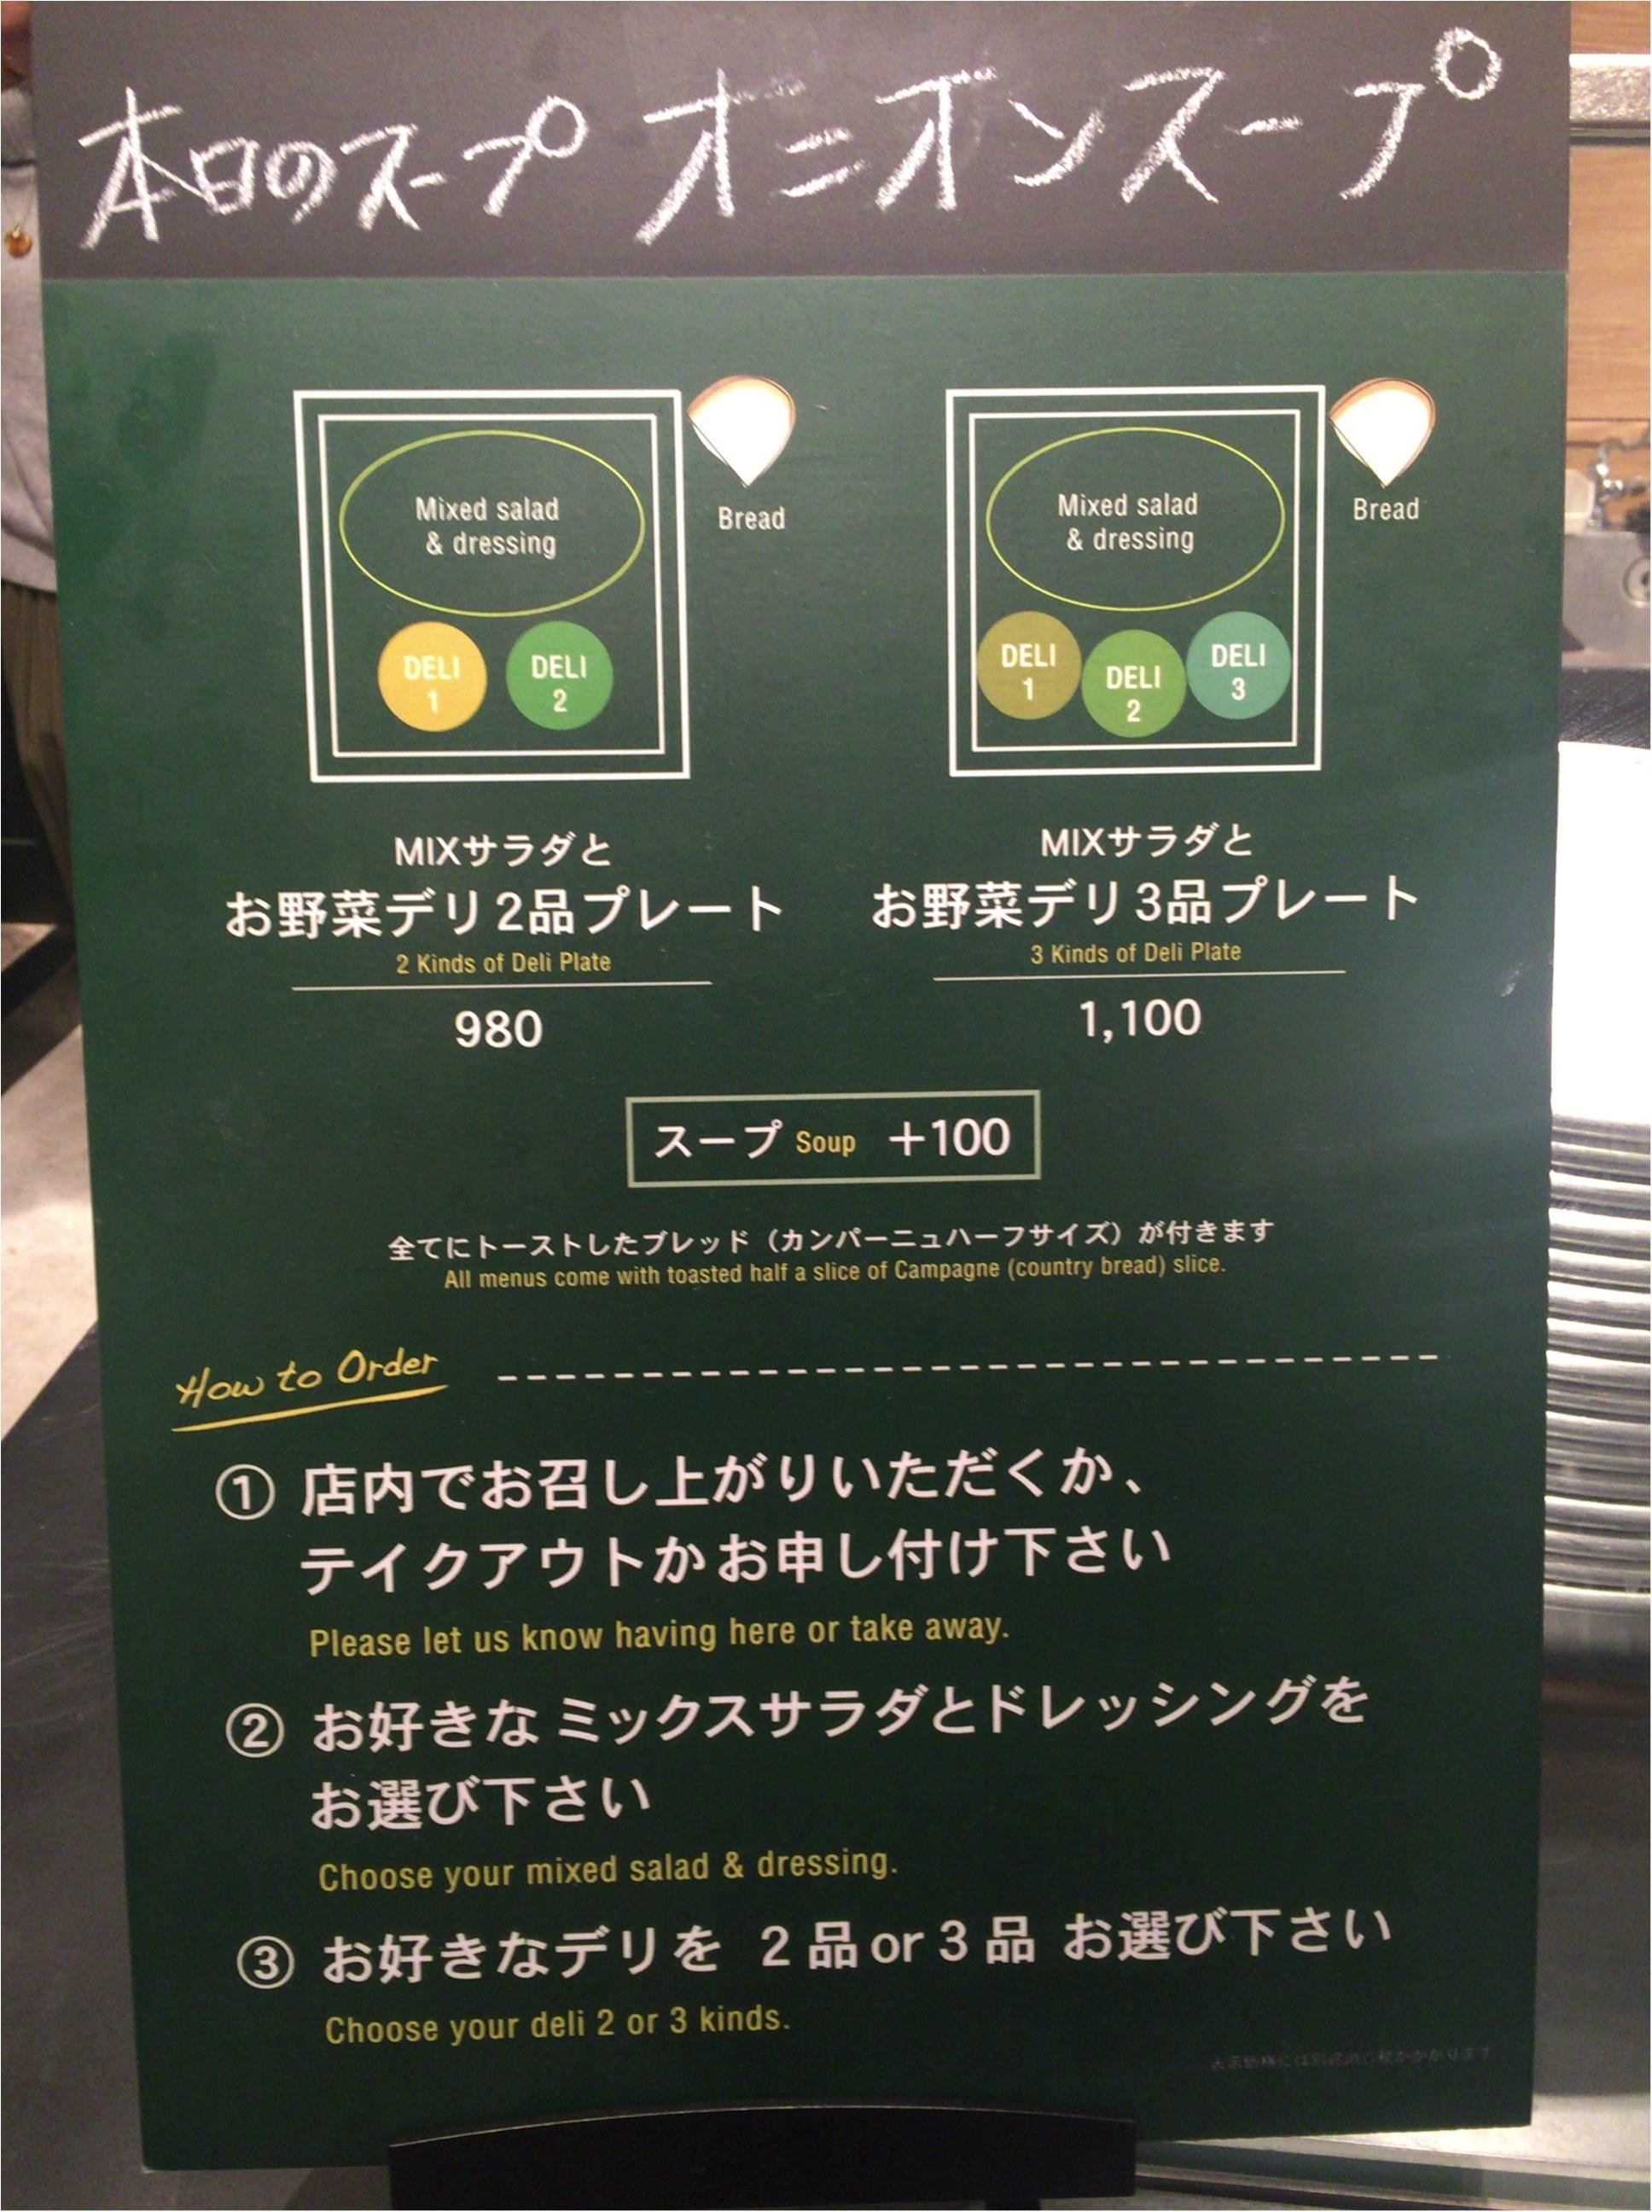 NYスタイルのお洒落なフードホール『EBISU FOOD HALL』が恵比寿にOpen✨≪samenyan≫_10